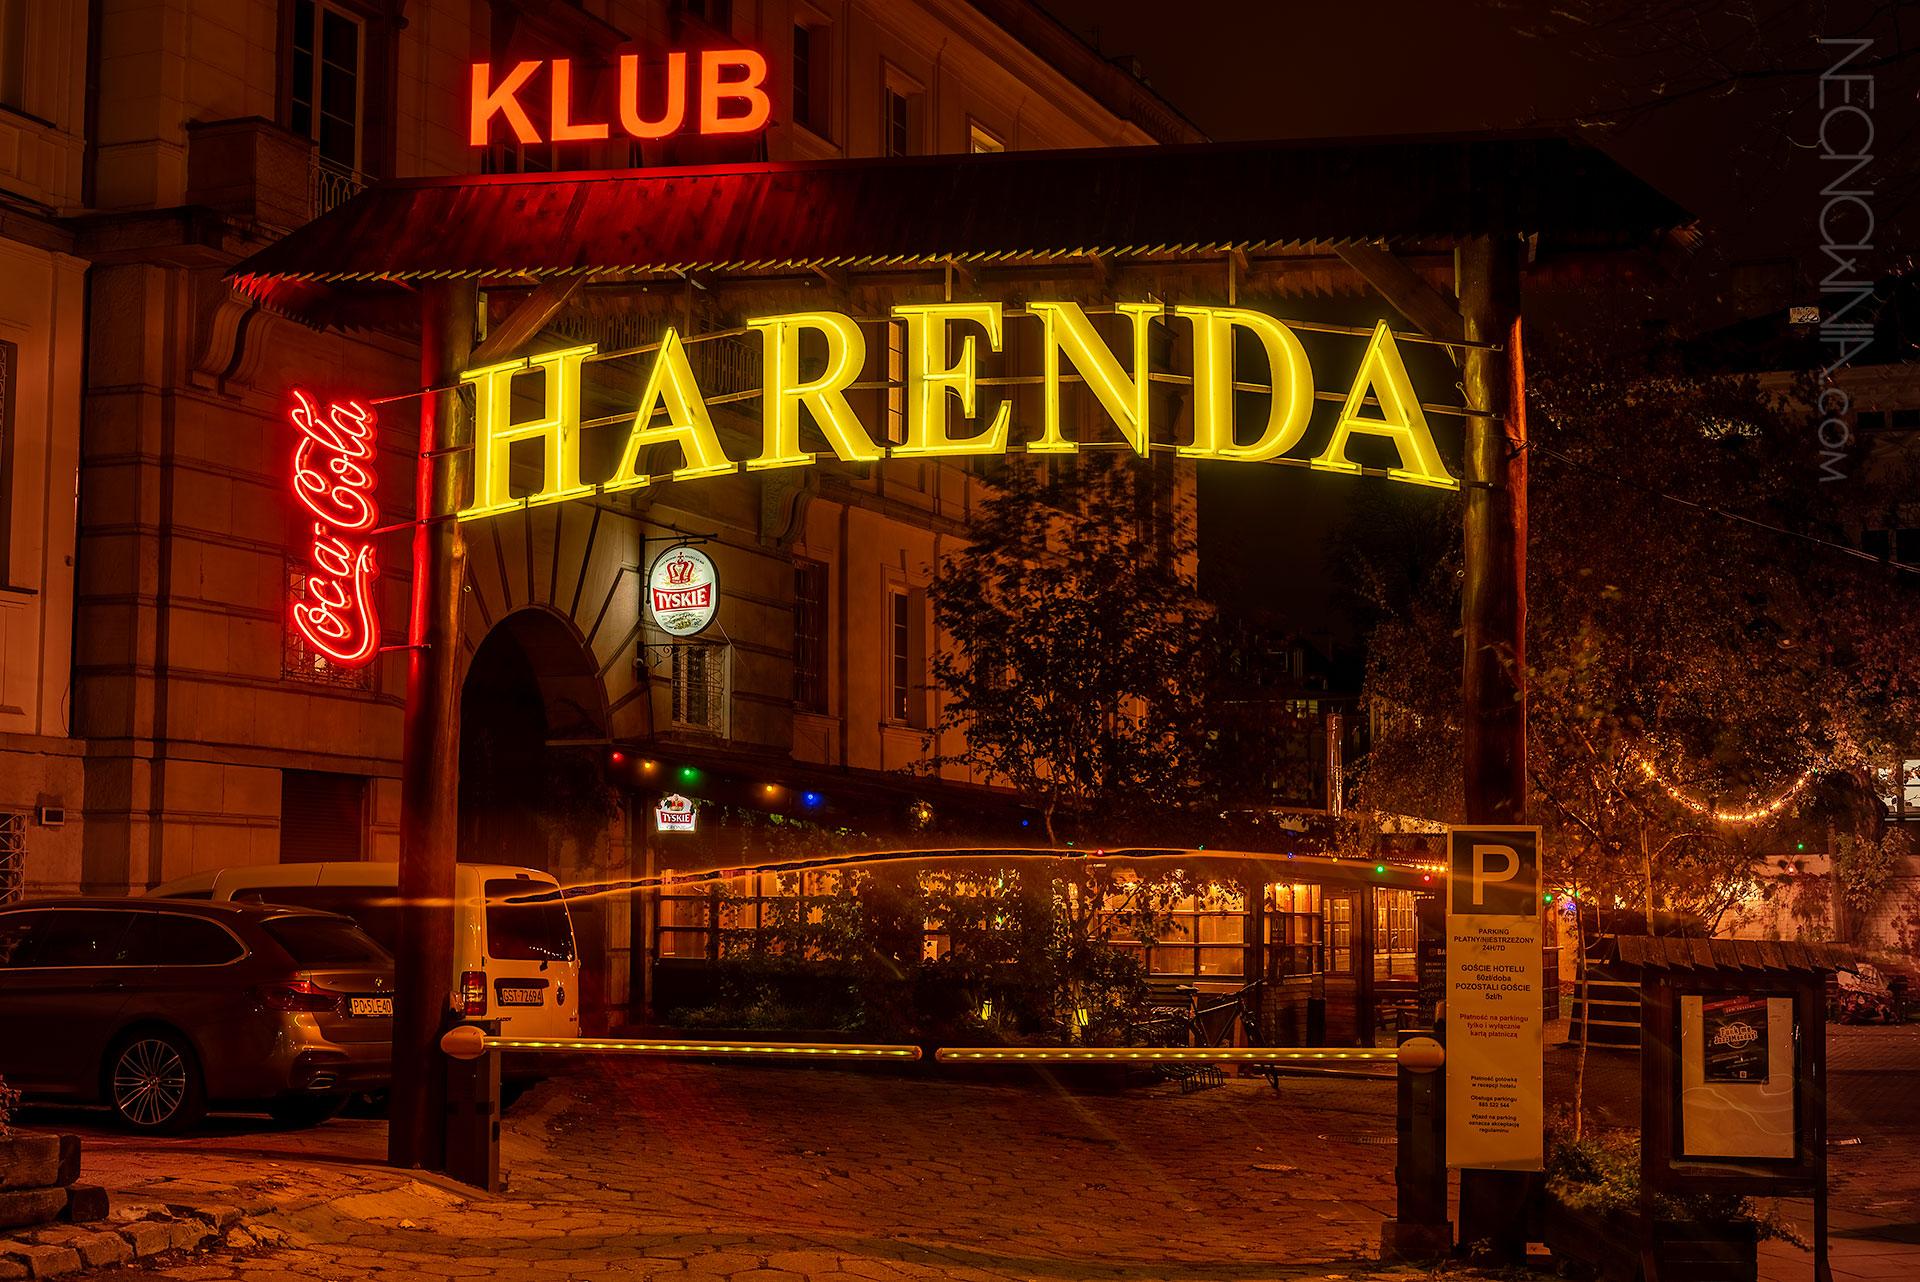 KLUB HARENDA